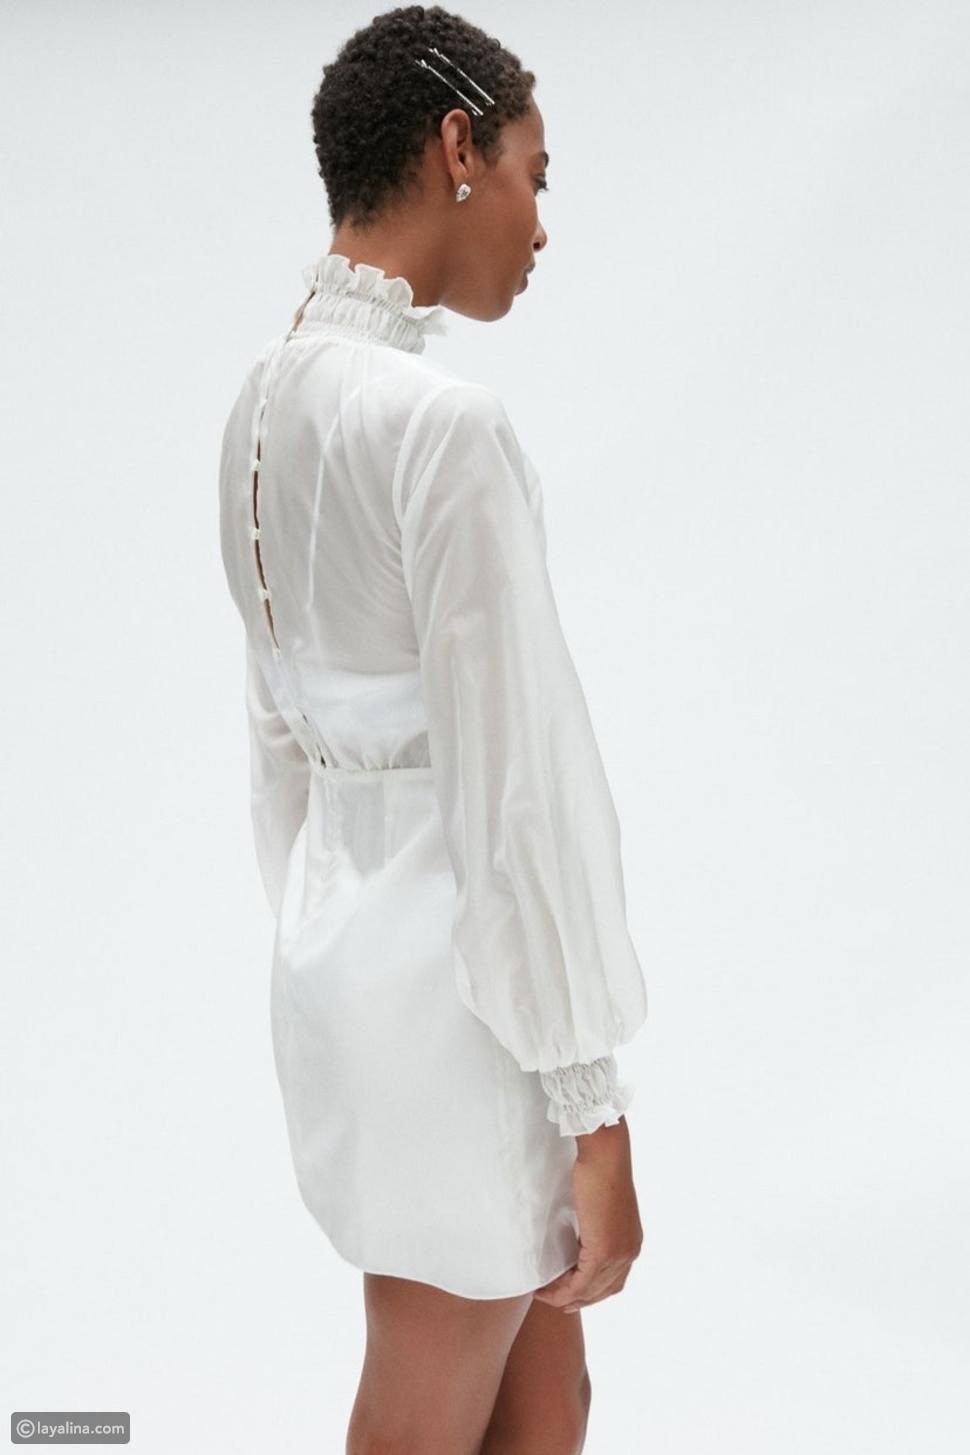 الفستان الذي يجب ارتدائه هو فستان فانيسا كوتشياروVanessa Cocchiaro